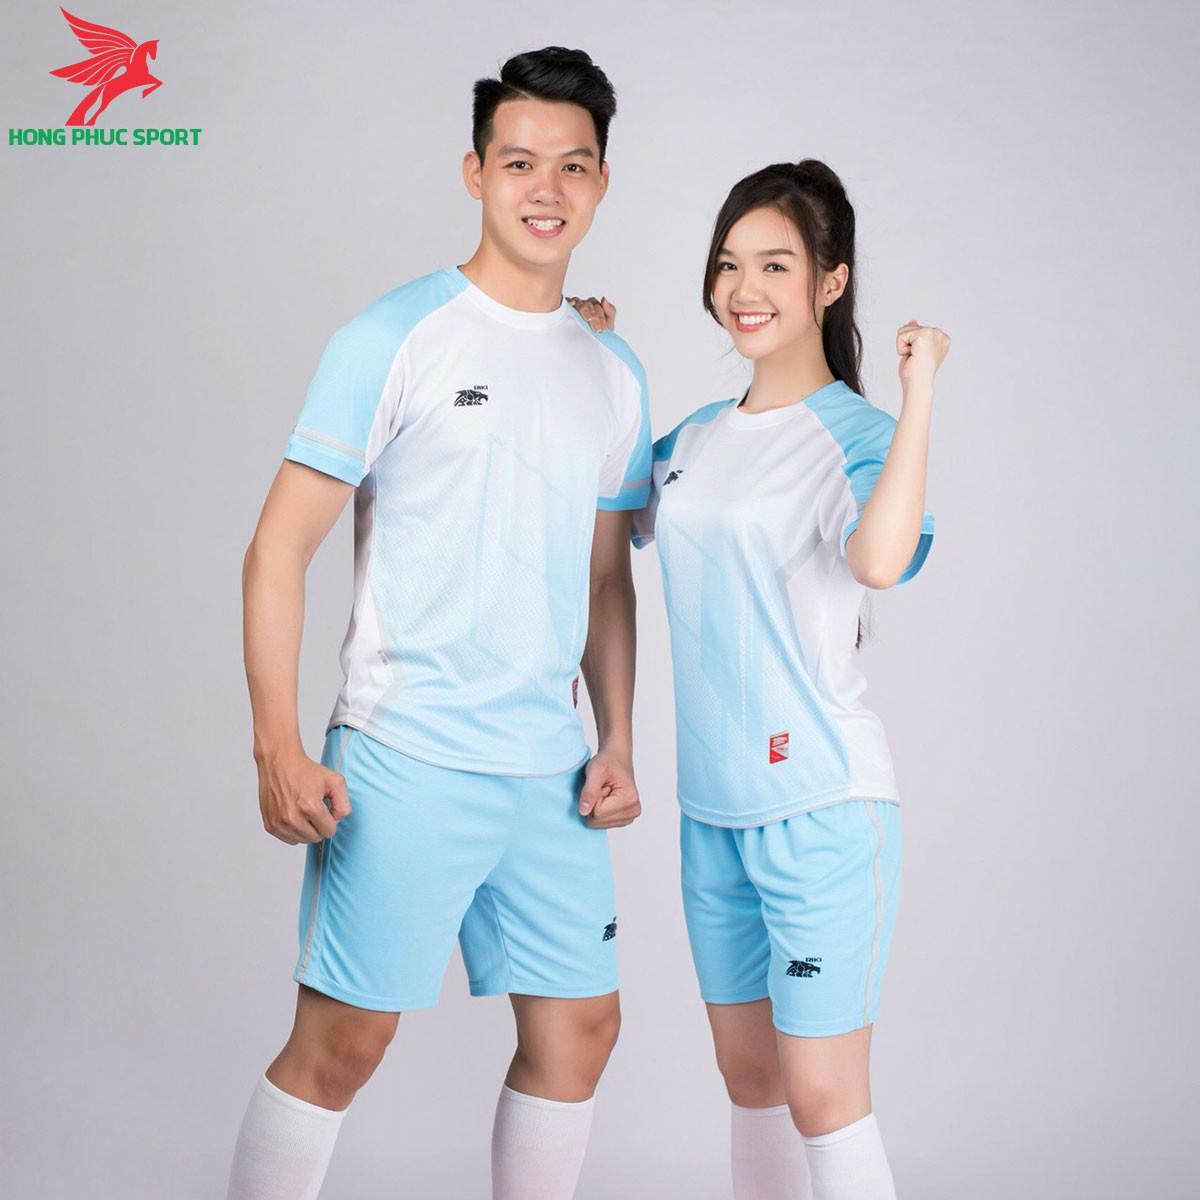 áo bóng đá không logo Riki Airmaxx Thiên Thanh